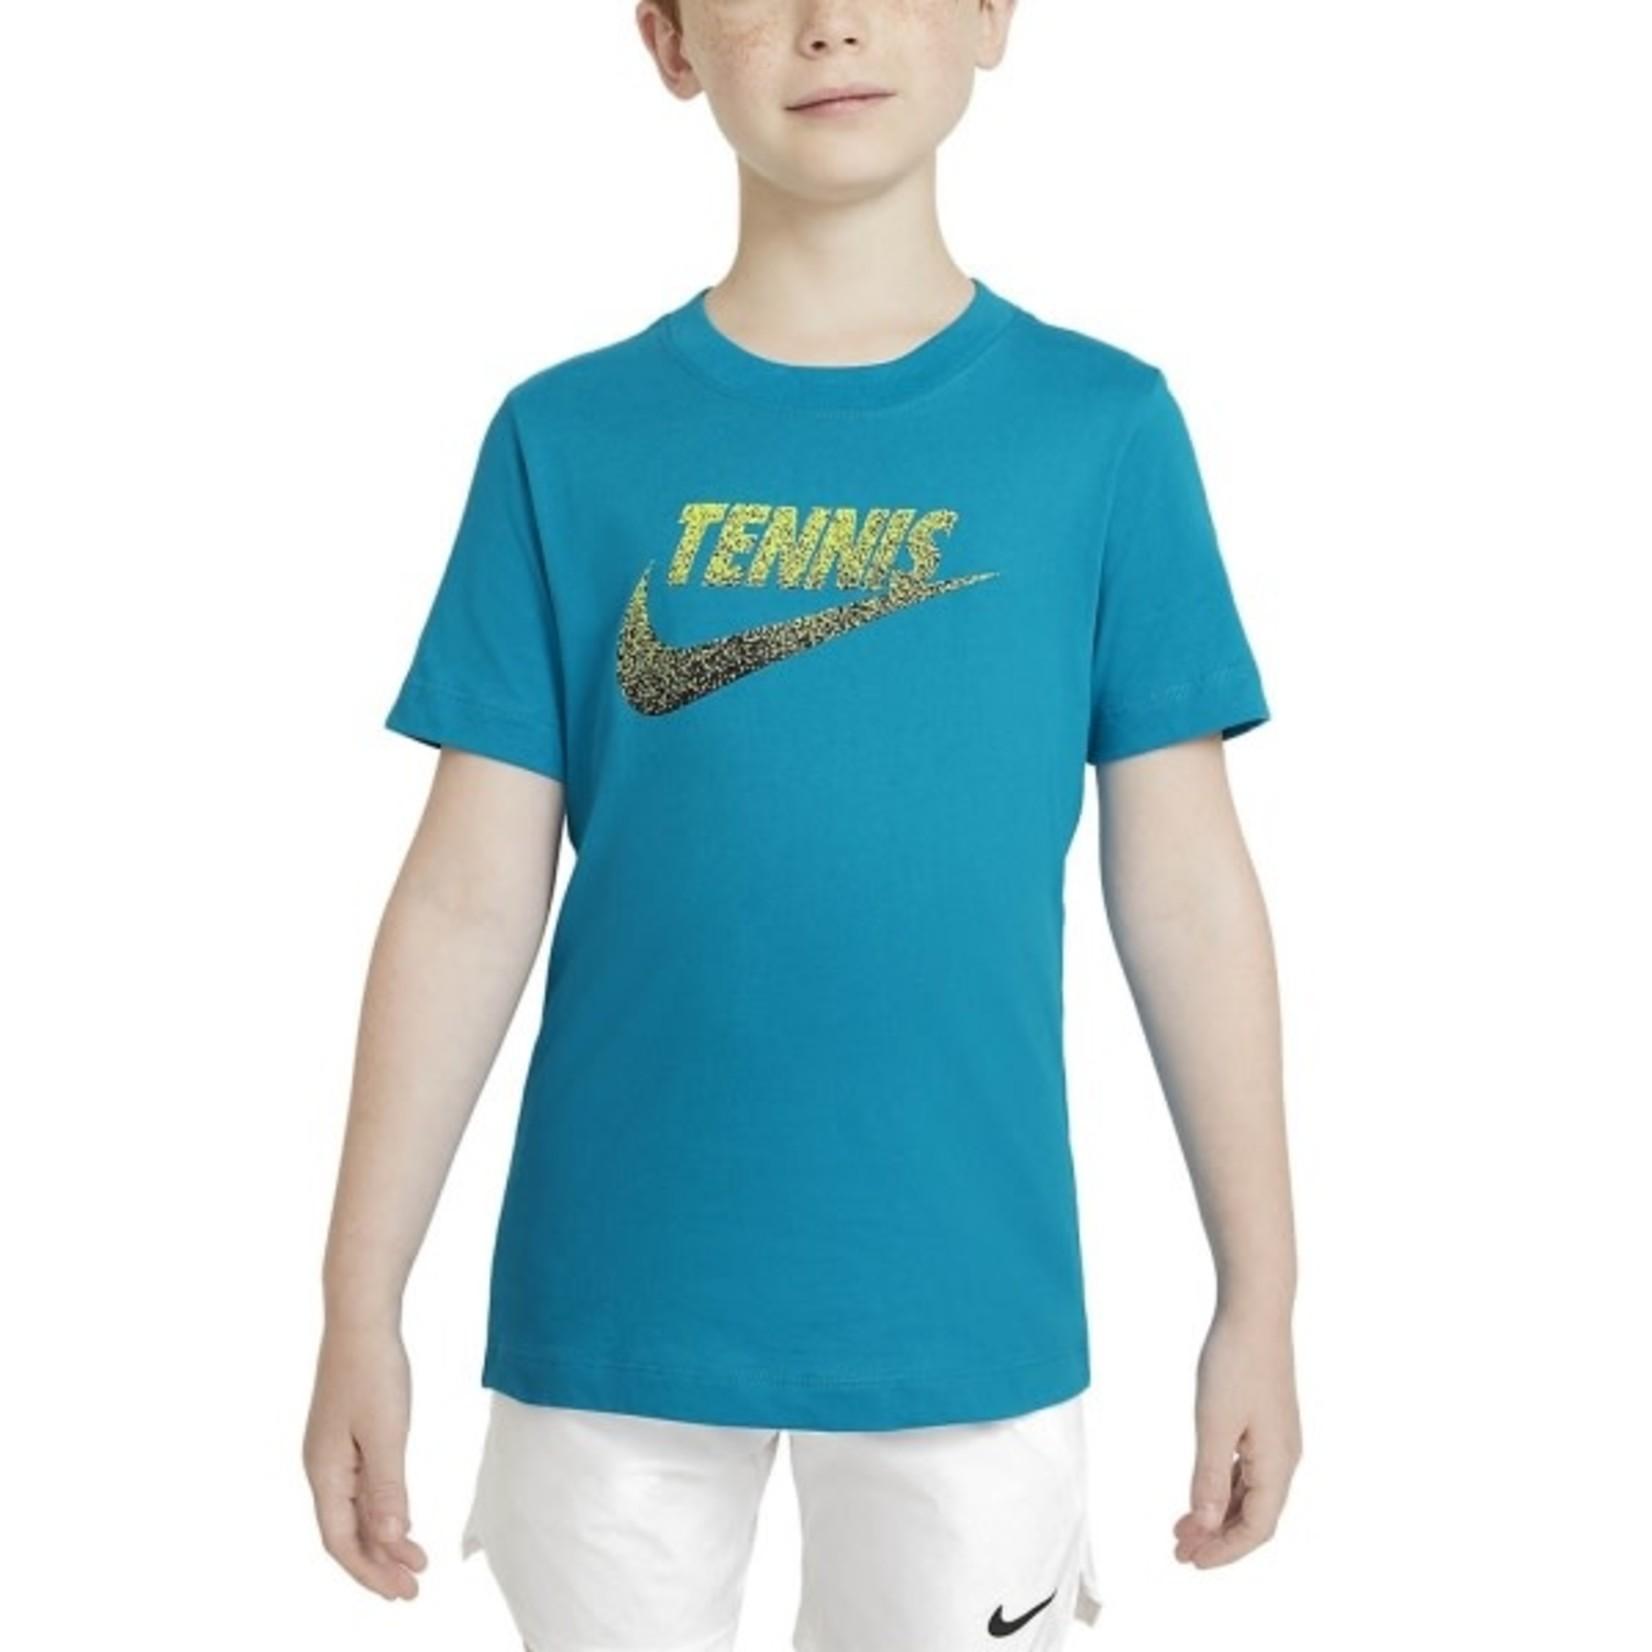 Nike Jeugd - Graphic Tennis T-shirt